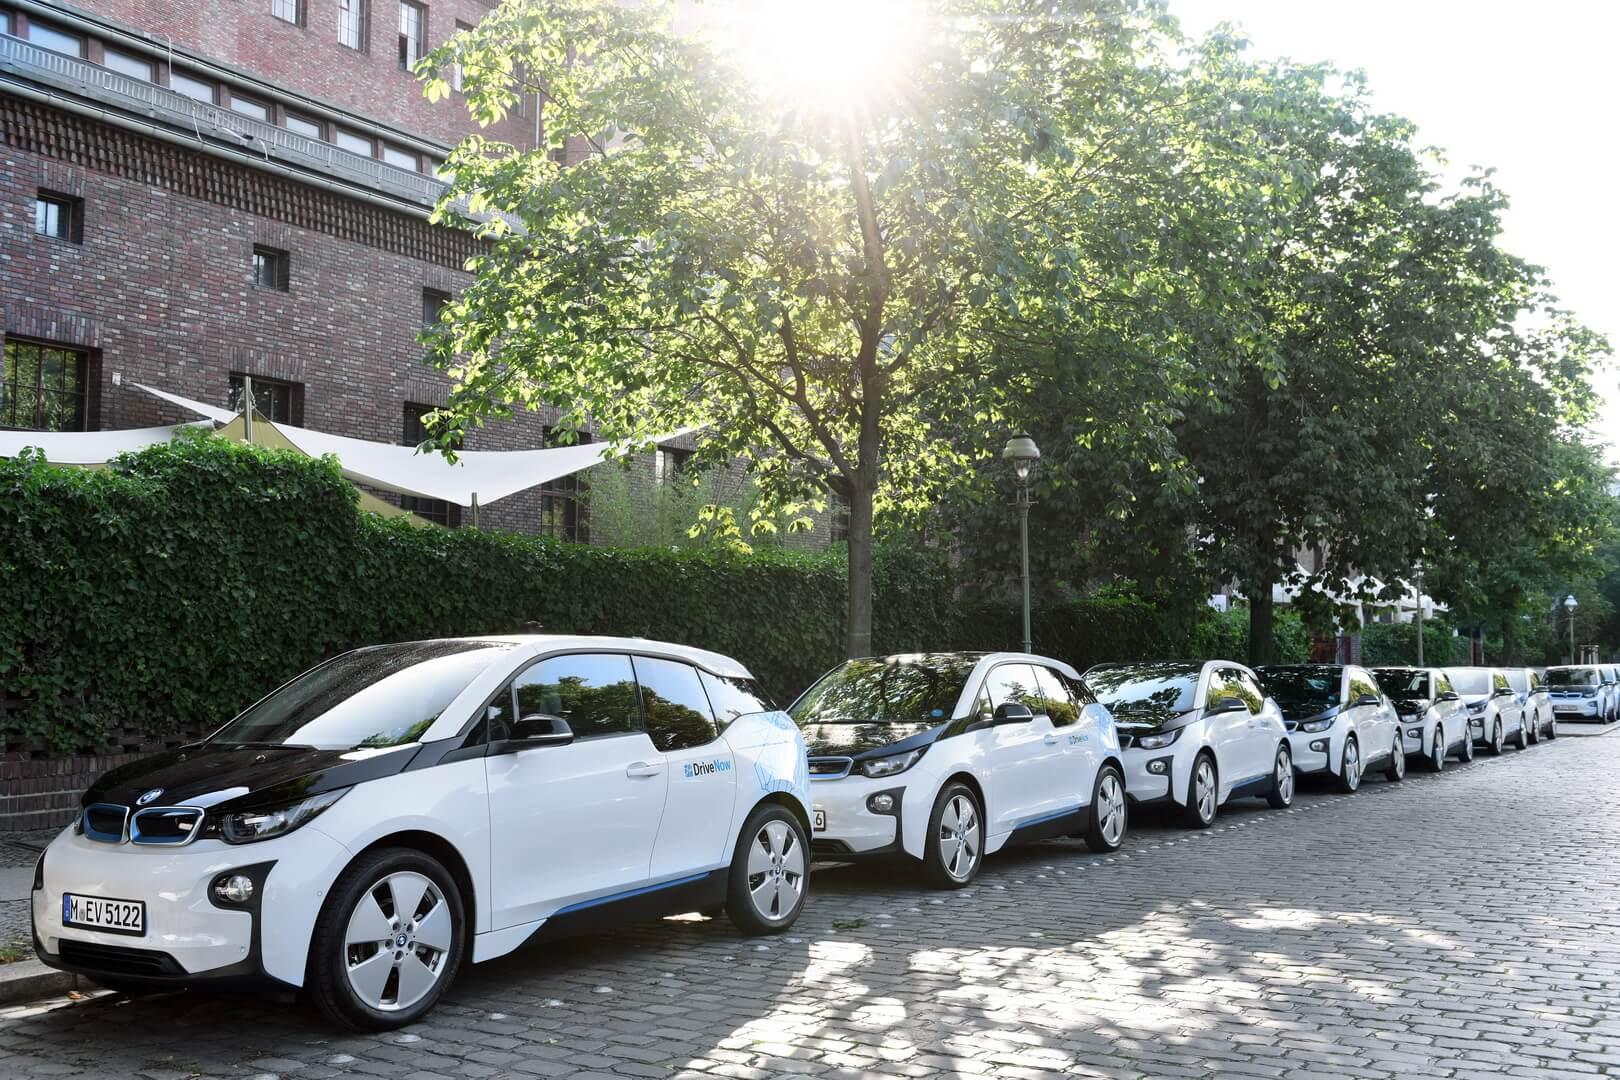 Электромобили BMW i3 поставщика услуг совместного использования автомобилей Share Now